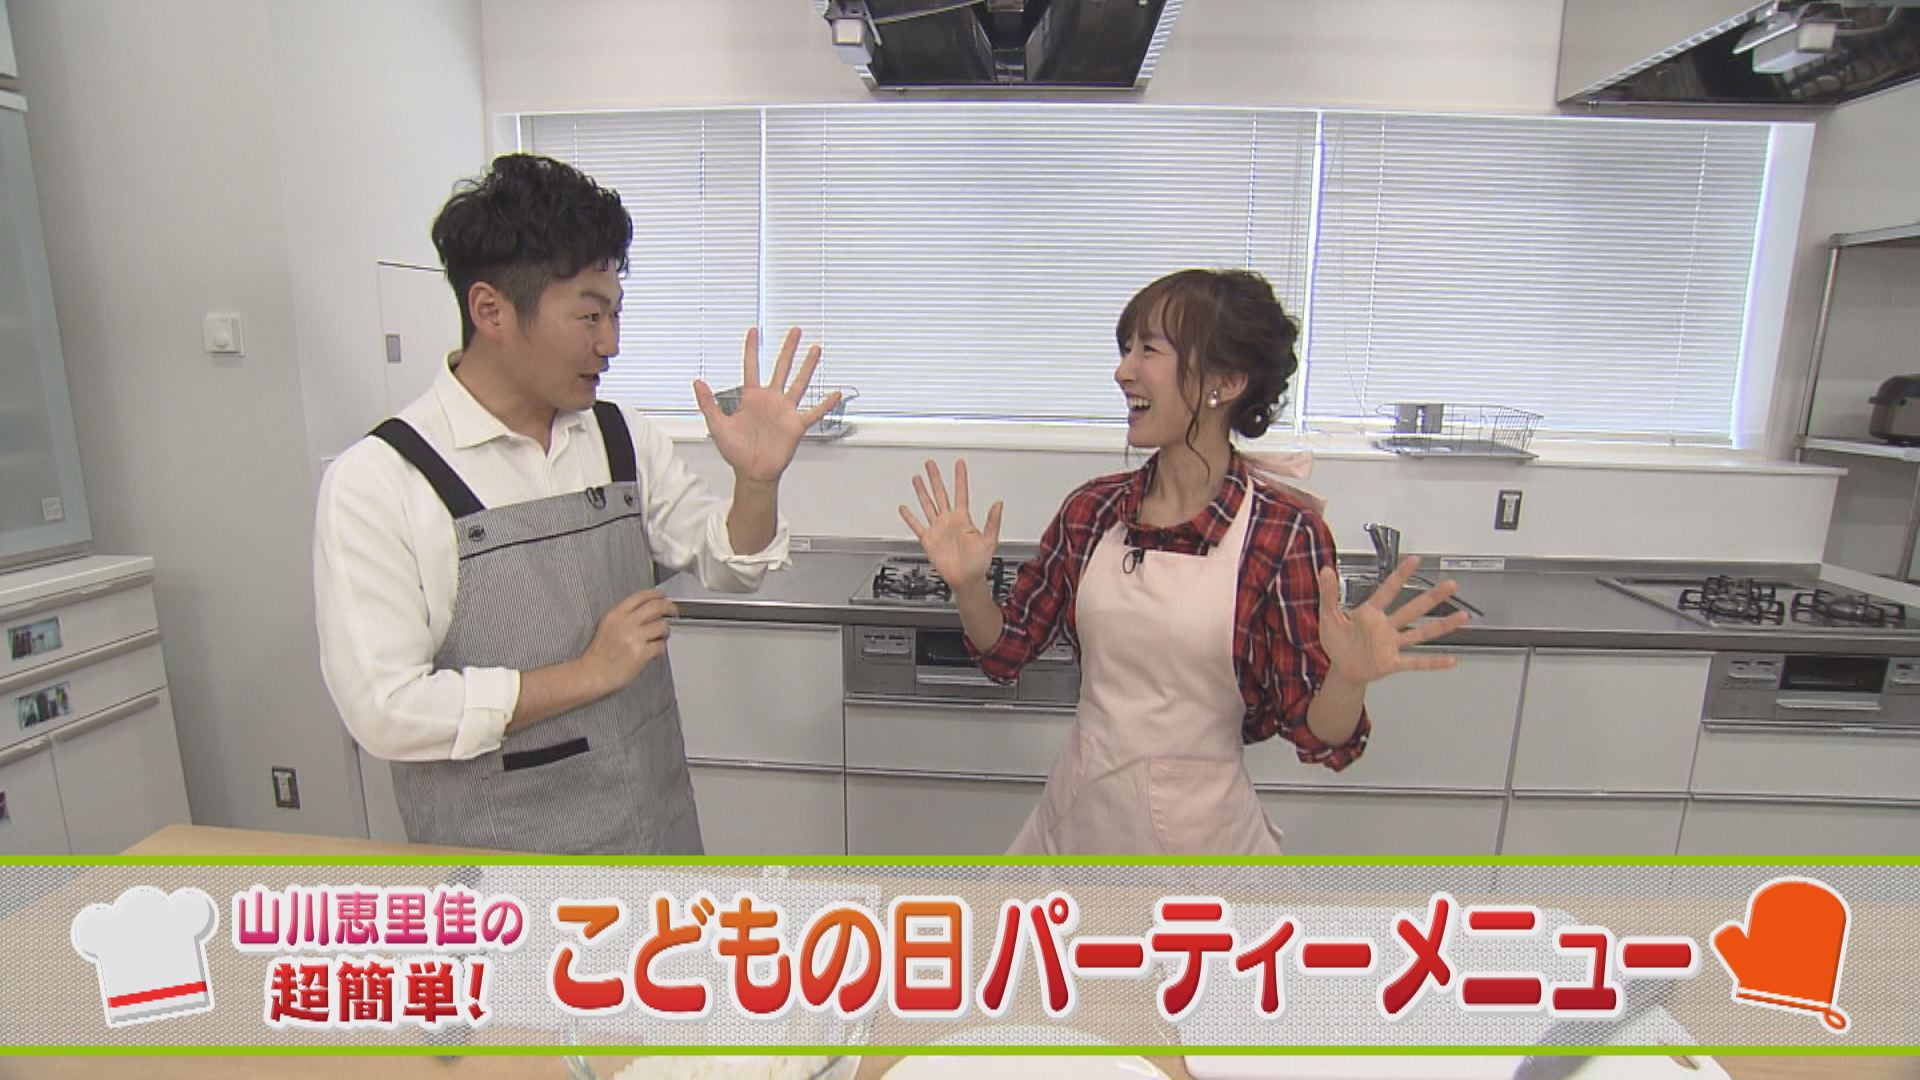 山川恵里佳の超簡単 クッキング!